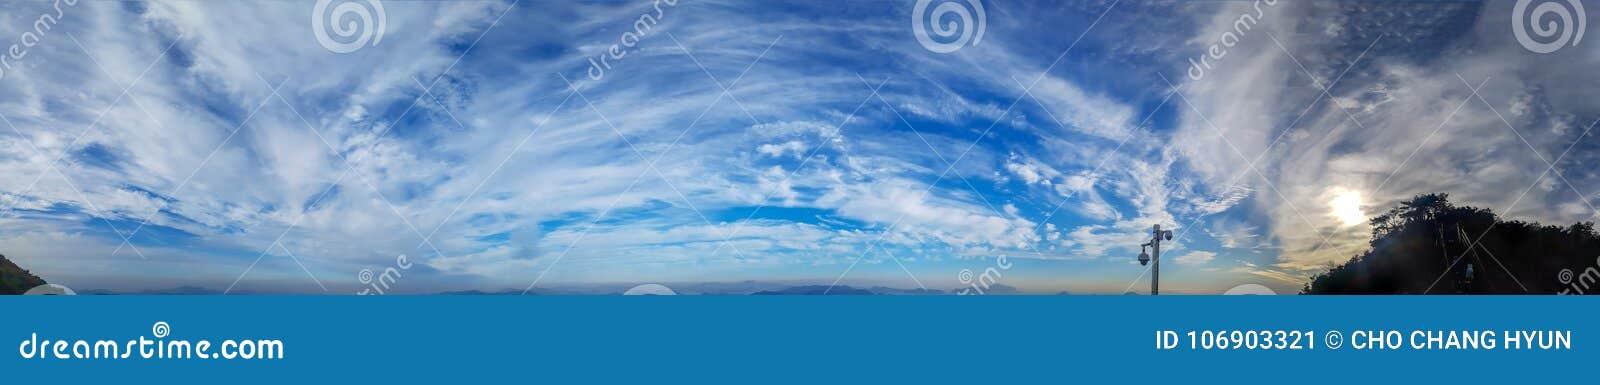 Południowego Korea niebieskiego nieba panoramiczny wizerunek